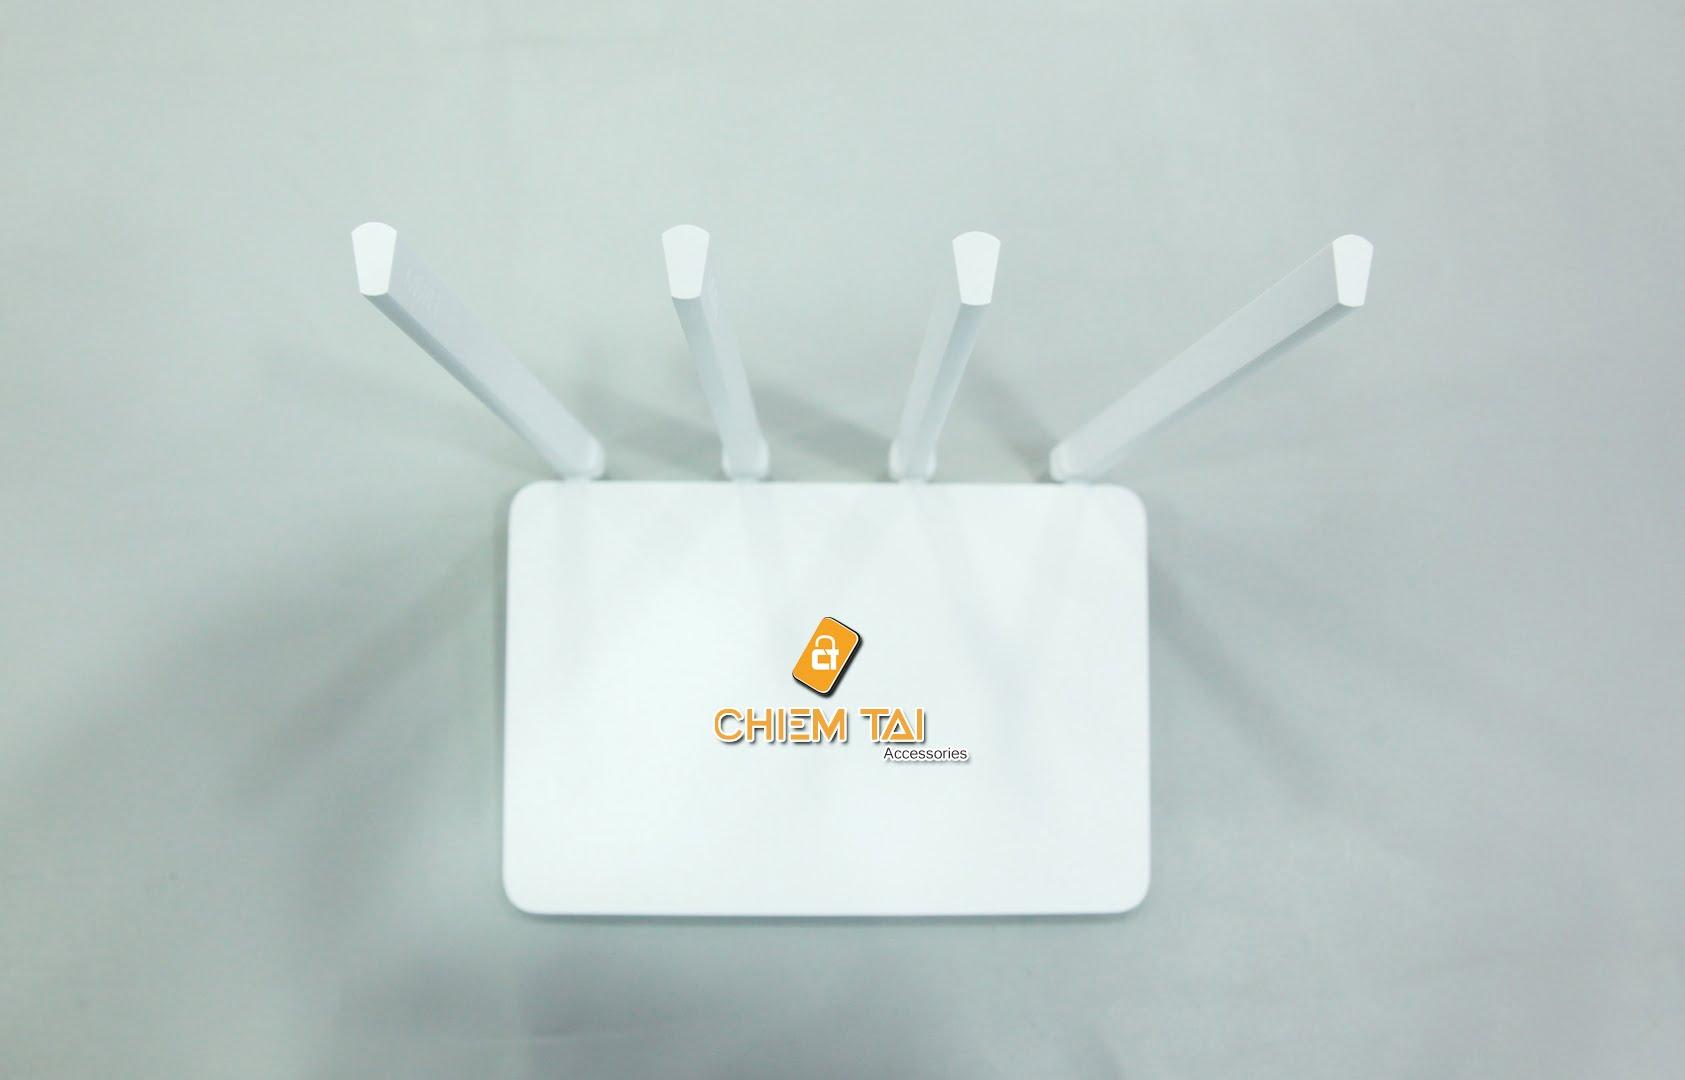 bo phat wifi xiaomi router gen 3g ac1200 6007fdccde345